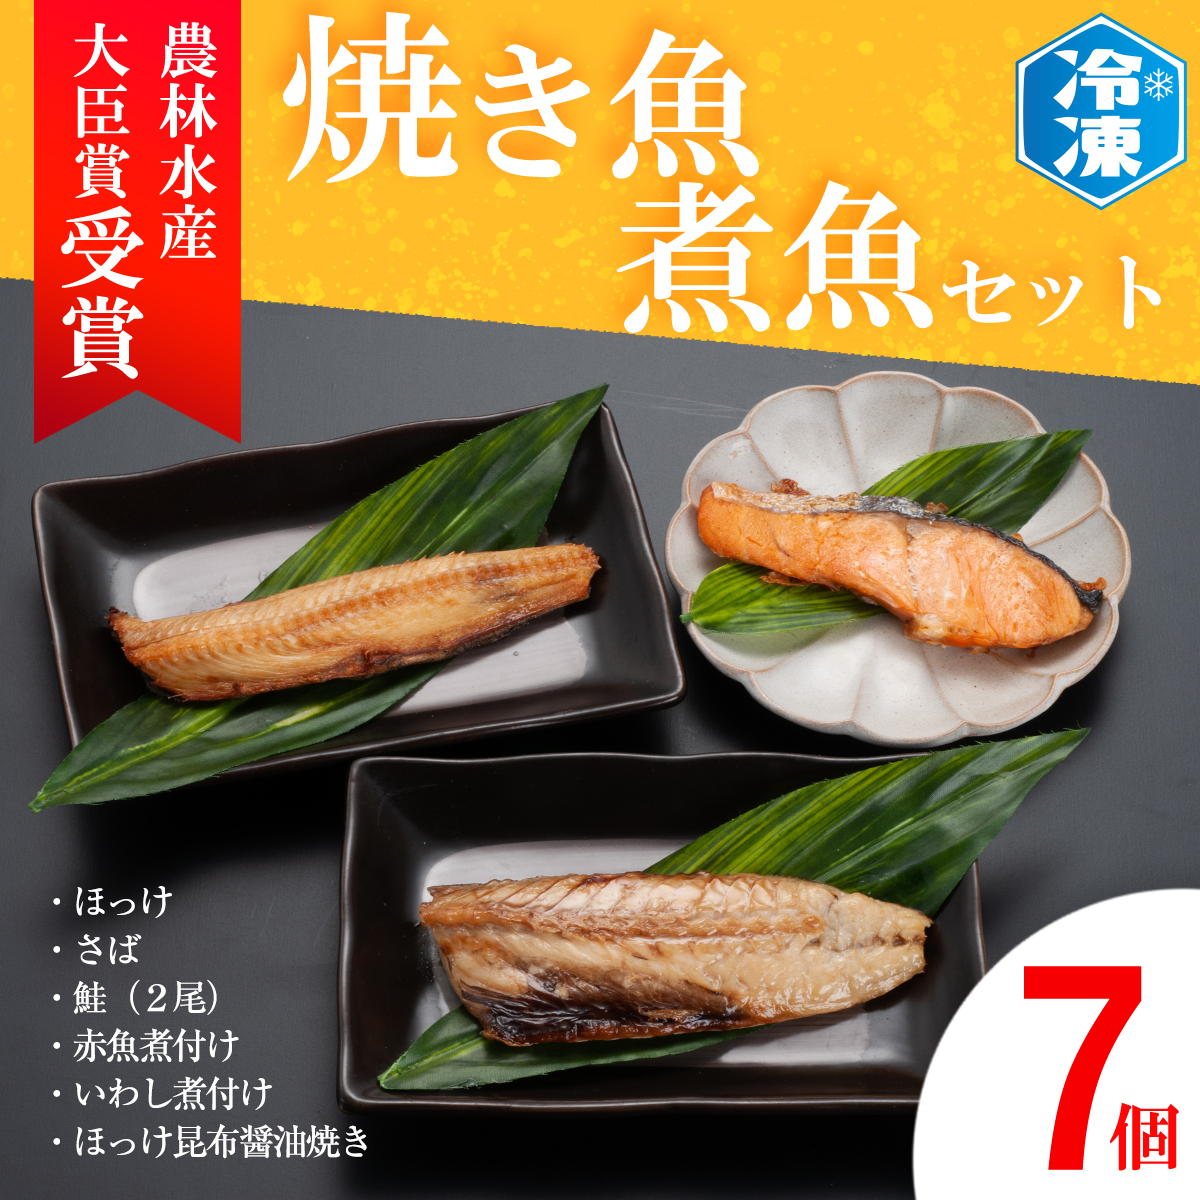 ふるさと納税 バーゲンセール AB003_農林水産大臣賞受賞焼き魚 煮魚セット 新品